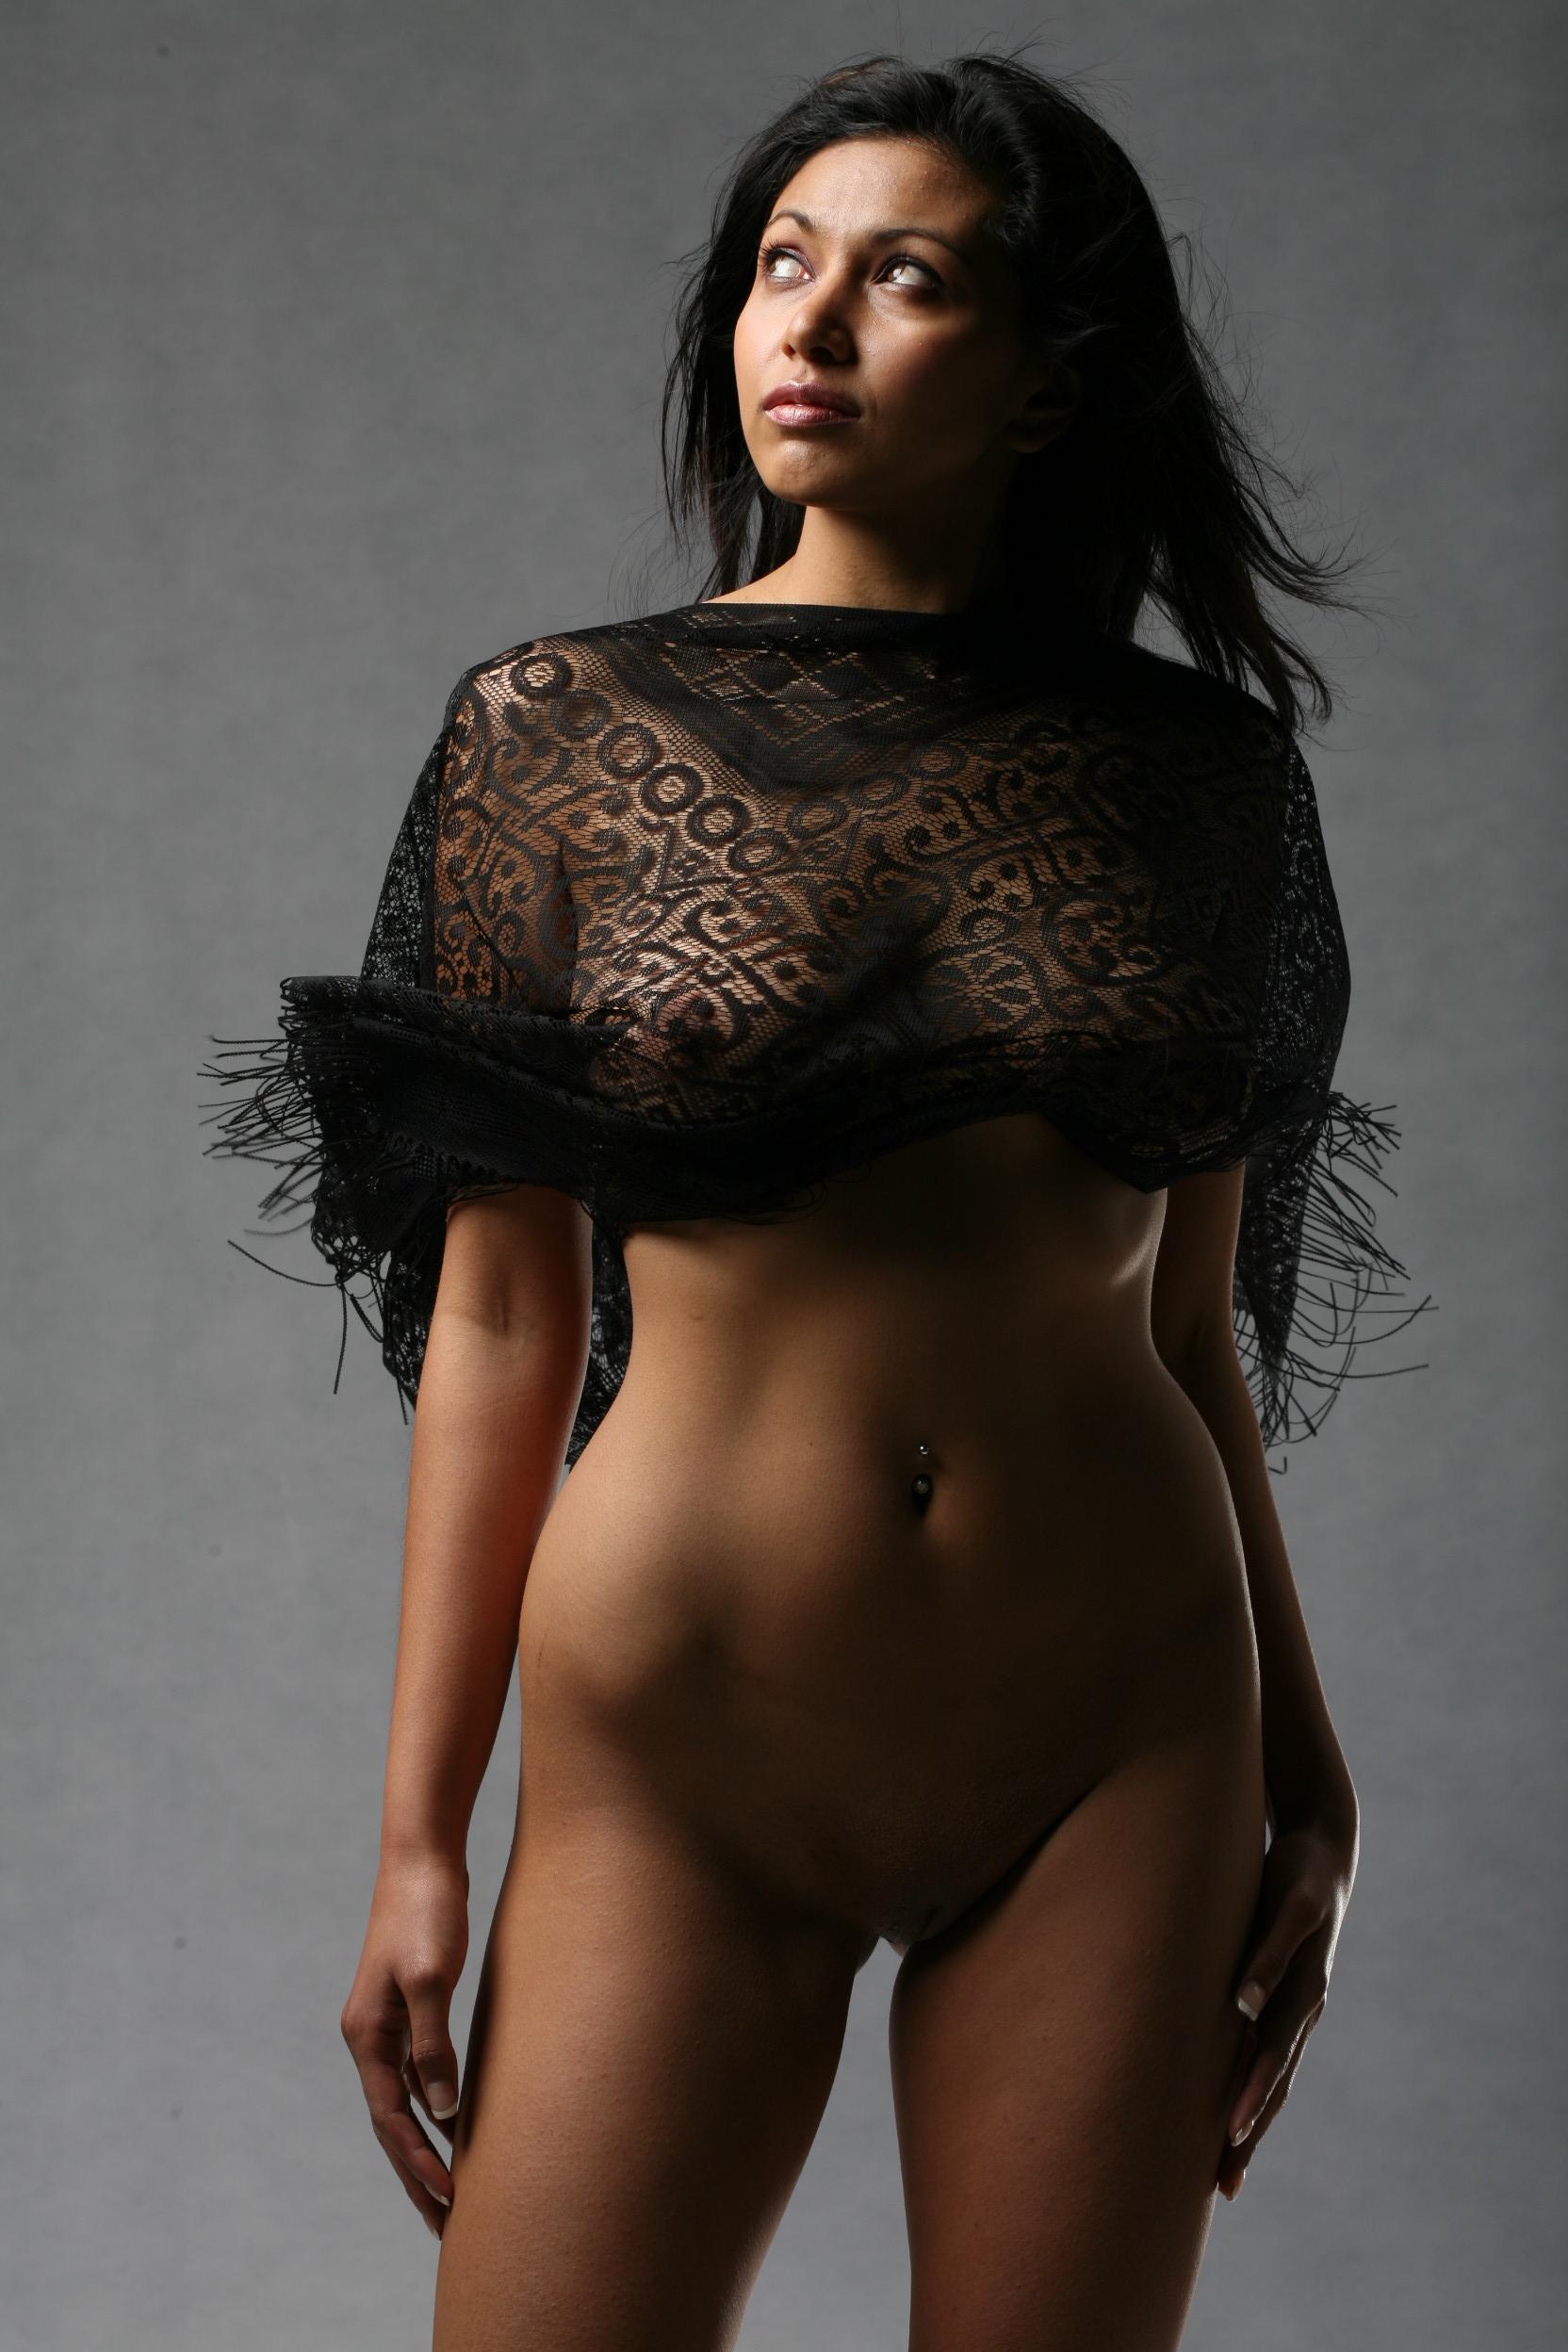 Indian big boobs models nude — photo 5